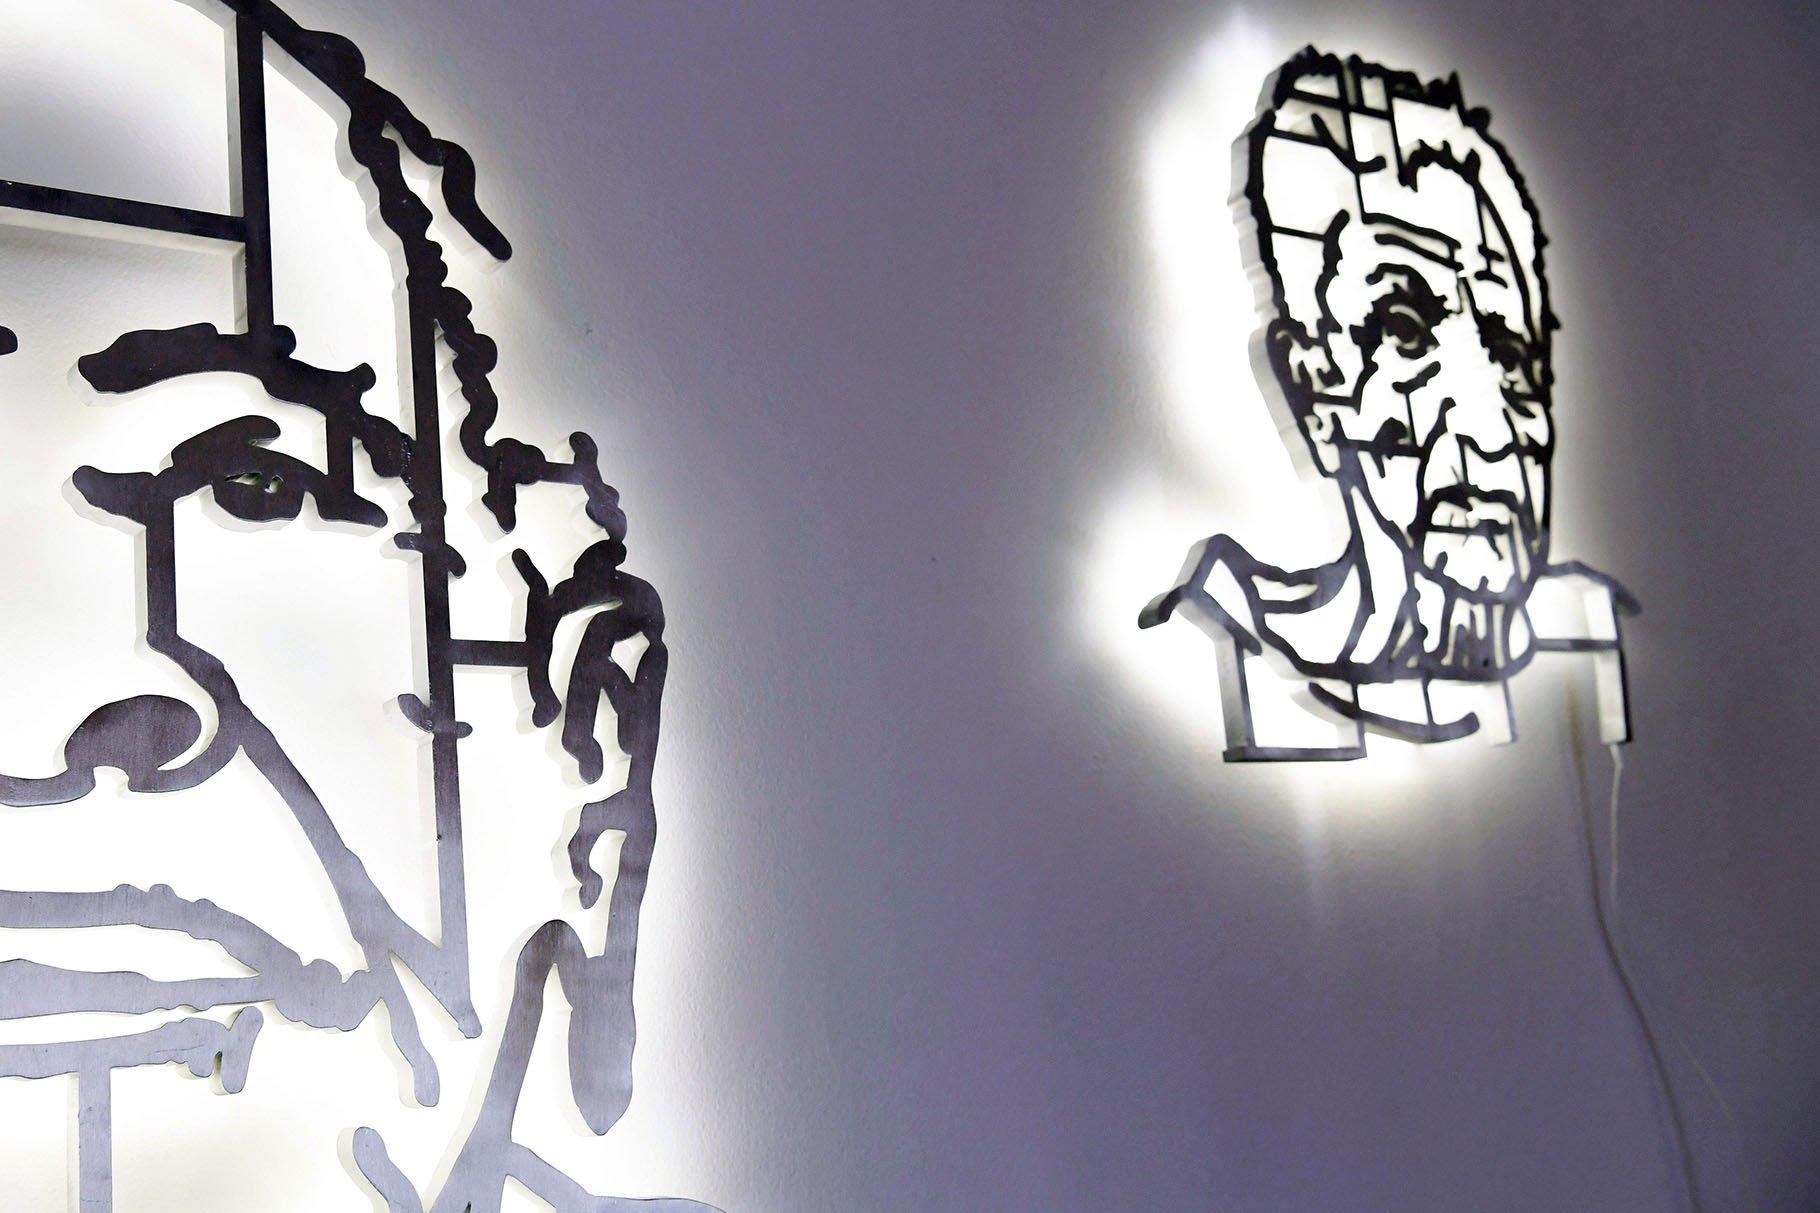 """Vista de las obras """"No es el Che, es Eusebia (i) y """"No es el Che, es Alfonso"""" (d) del colectivo artístico """"Los Carpinteros"""" que forma parte de la muestra """"Cuba Va!"""" instalada en la Phillips Collection en Washington, Estados Unidos. Foto: Lenin Nolly / EFE."""